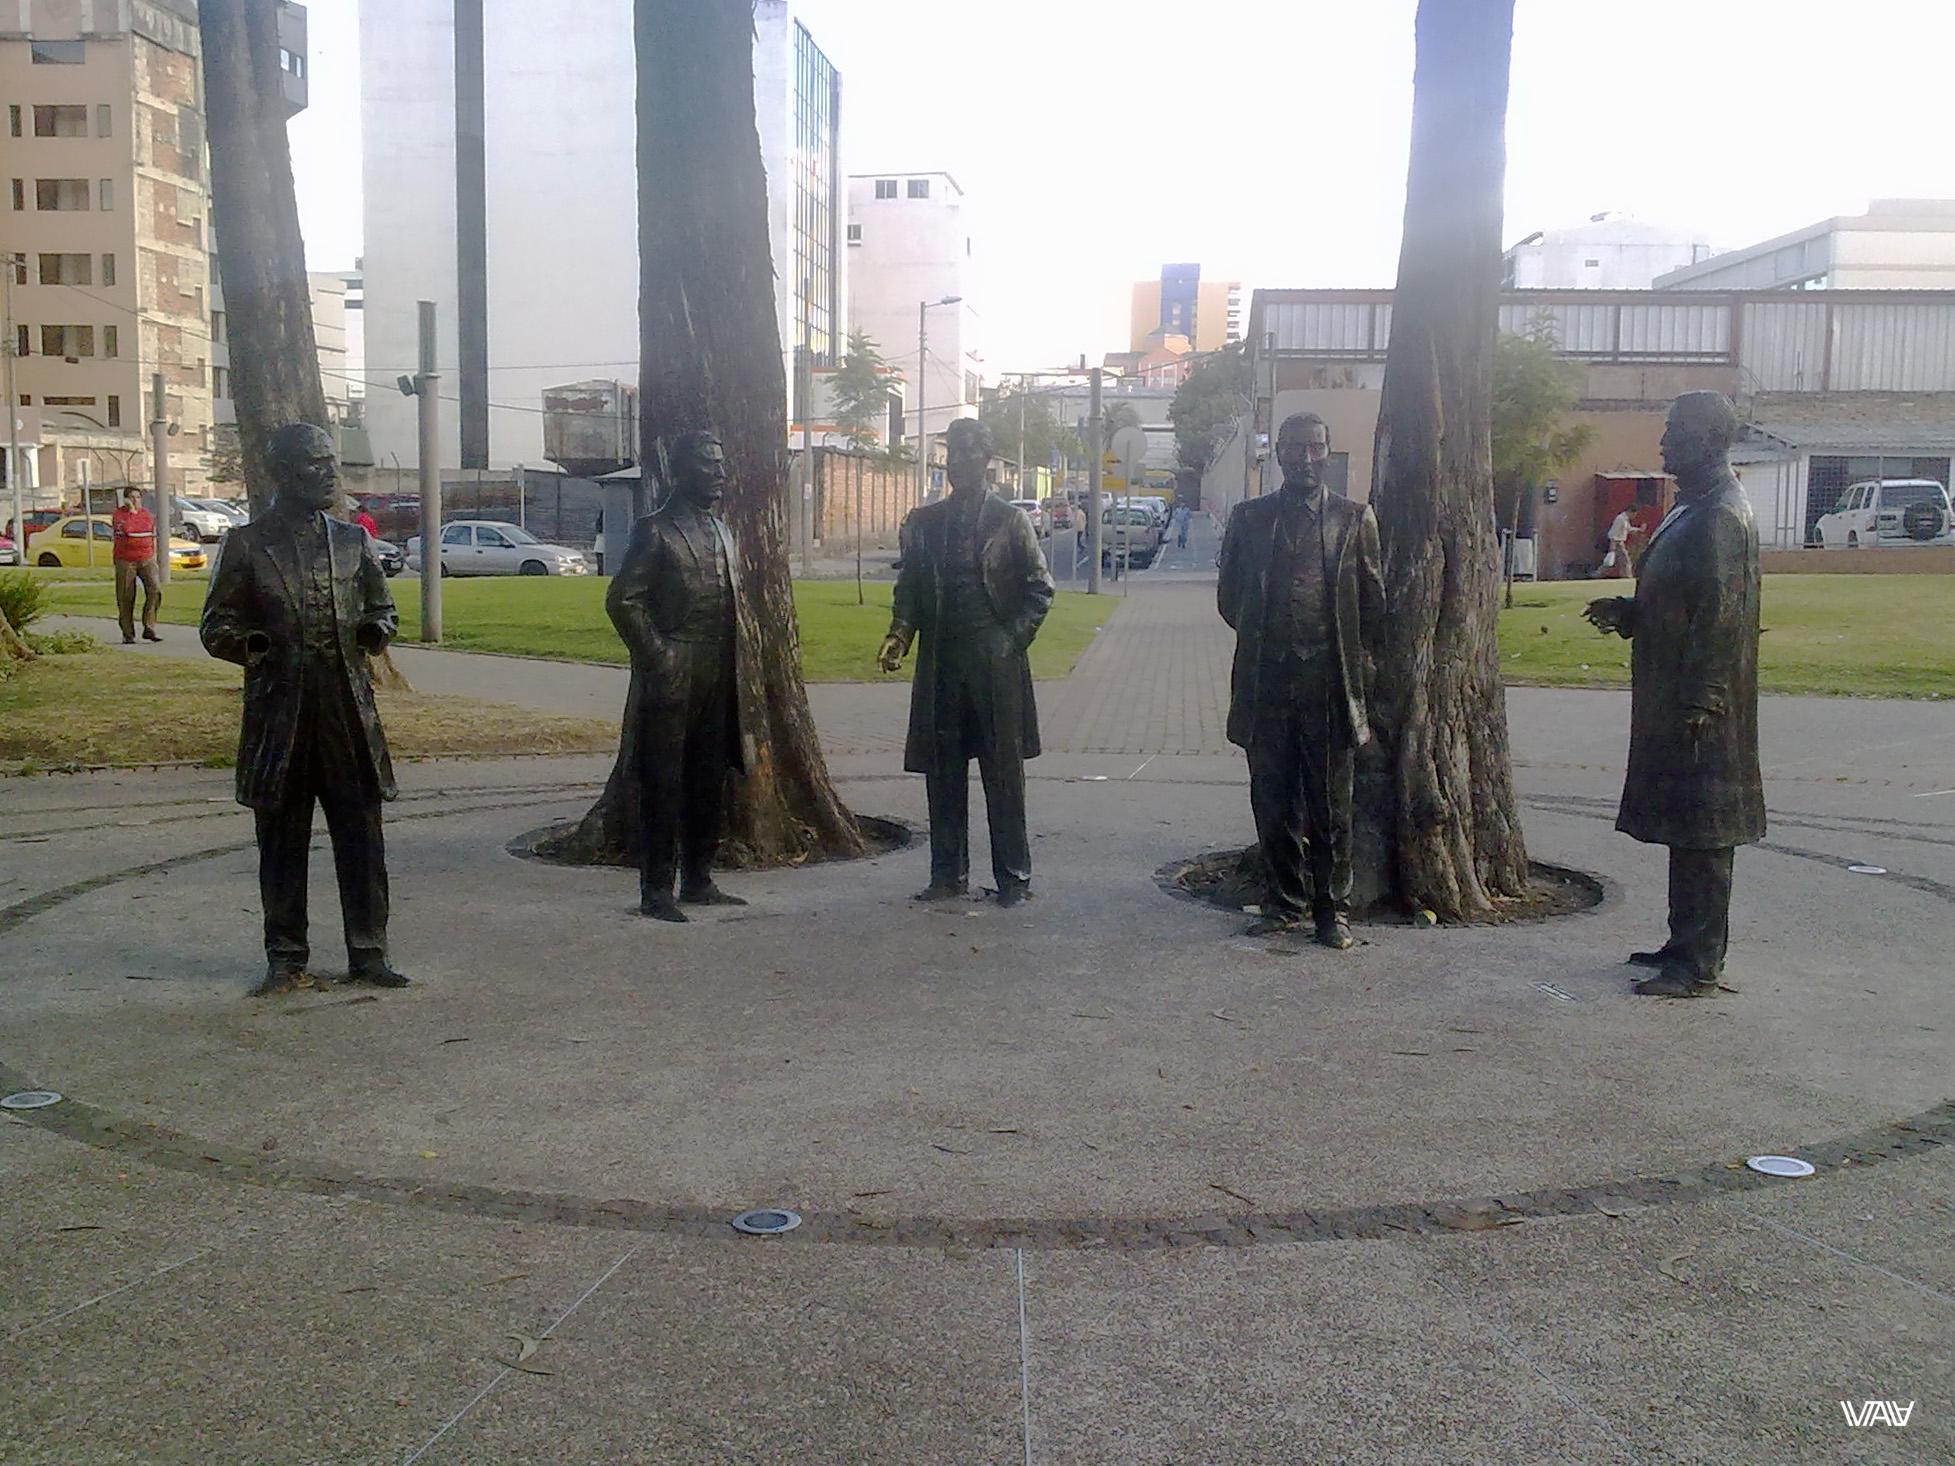 На неизвестной мне площади в небольшом парке я обнаружила замечательные статуи неизвестных мне мужчин. И тут же со мной познакомился парень по имени Ленин. Вселенная такая шутница! :) Кито, Эквадор